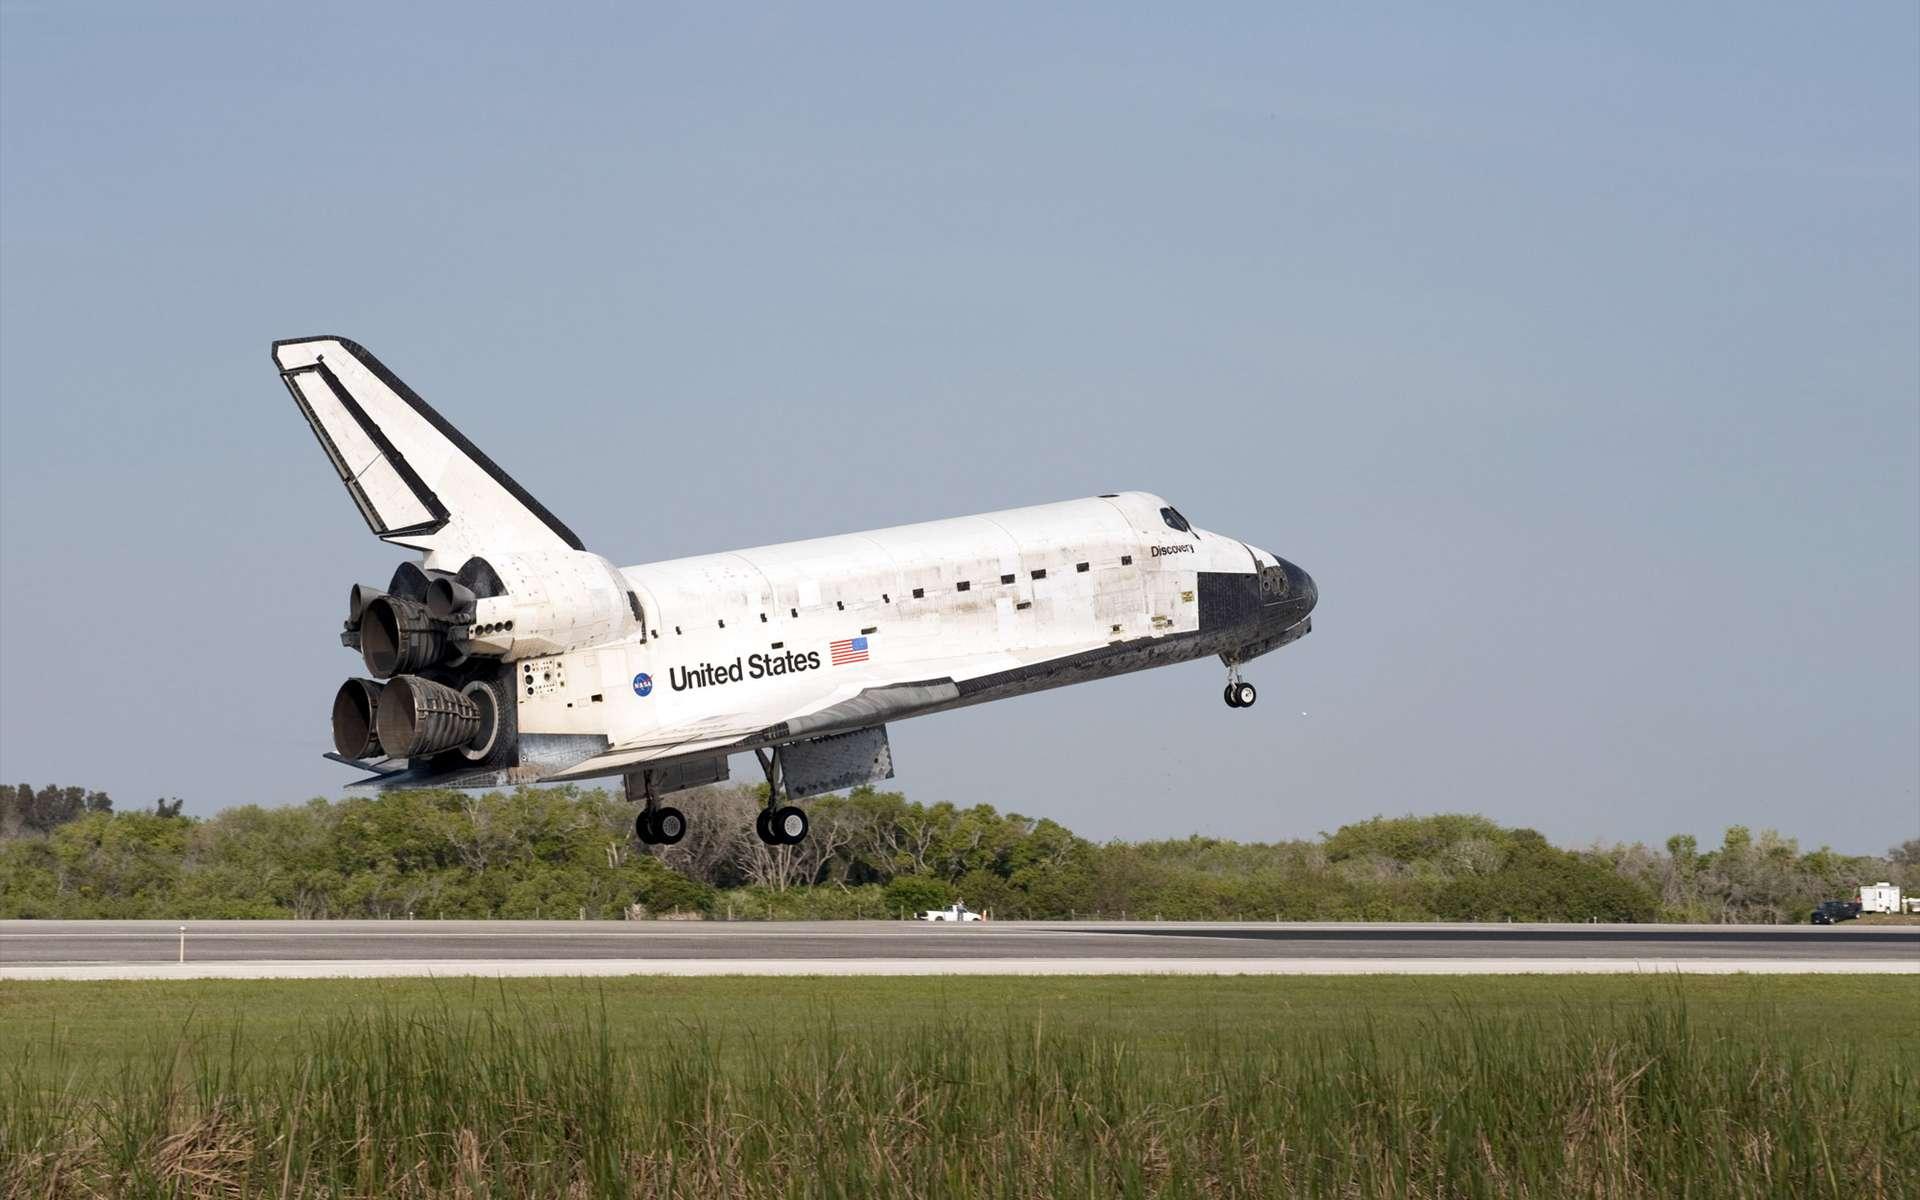 Retour sur Terre de la navette Discovery après sa mission de 15 jours dans l'espace, en avril 2010 (STS-131). © Nasa